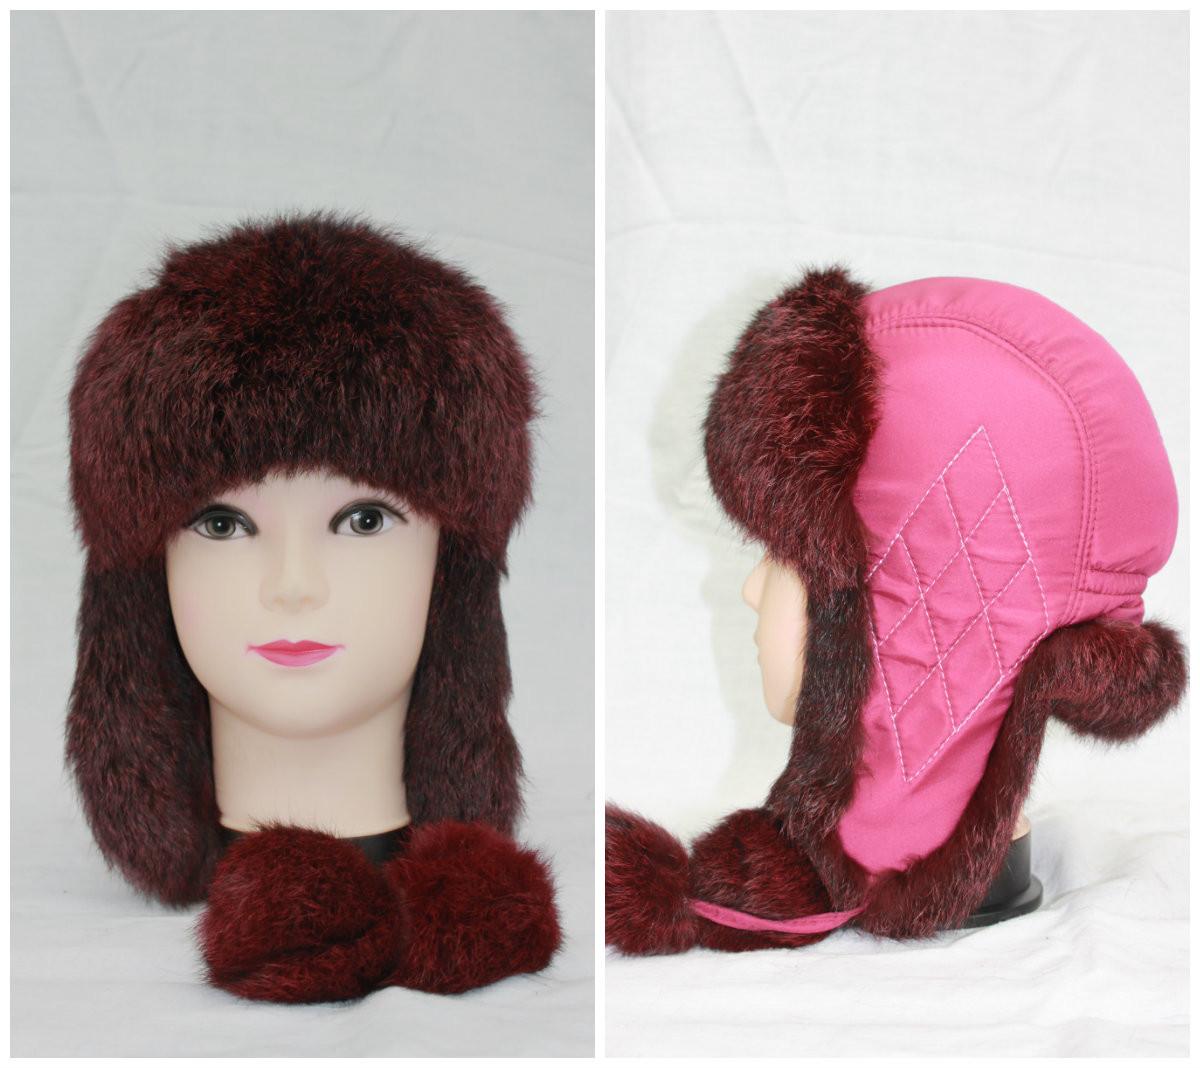 Дитяча хутряна шапка з кролика, дівчинка, вушанка, від виробника, різні кольори